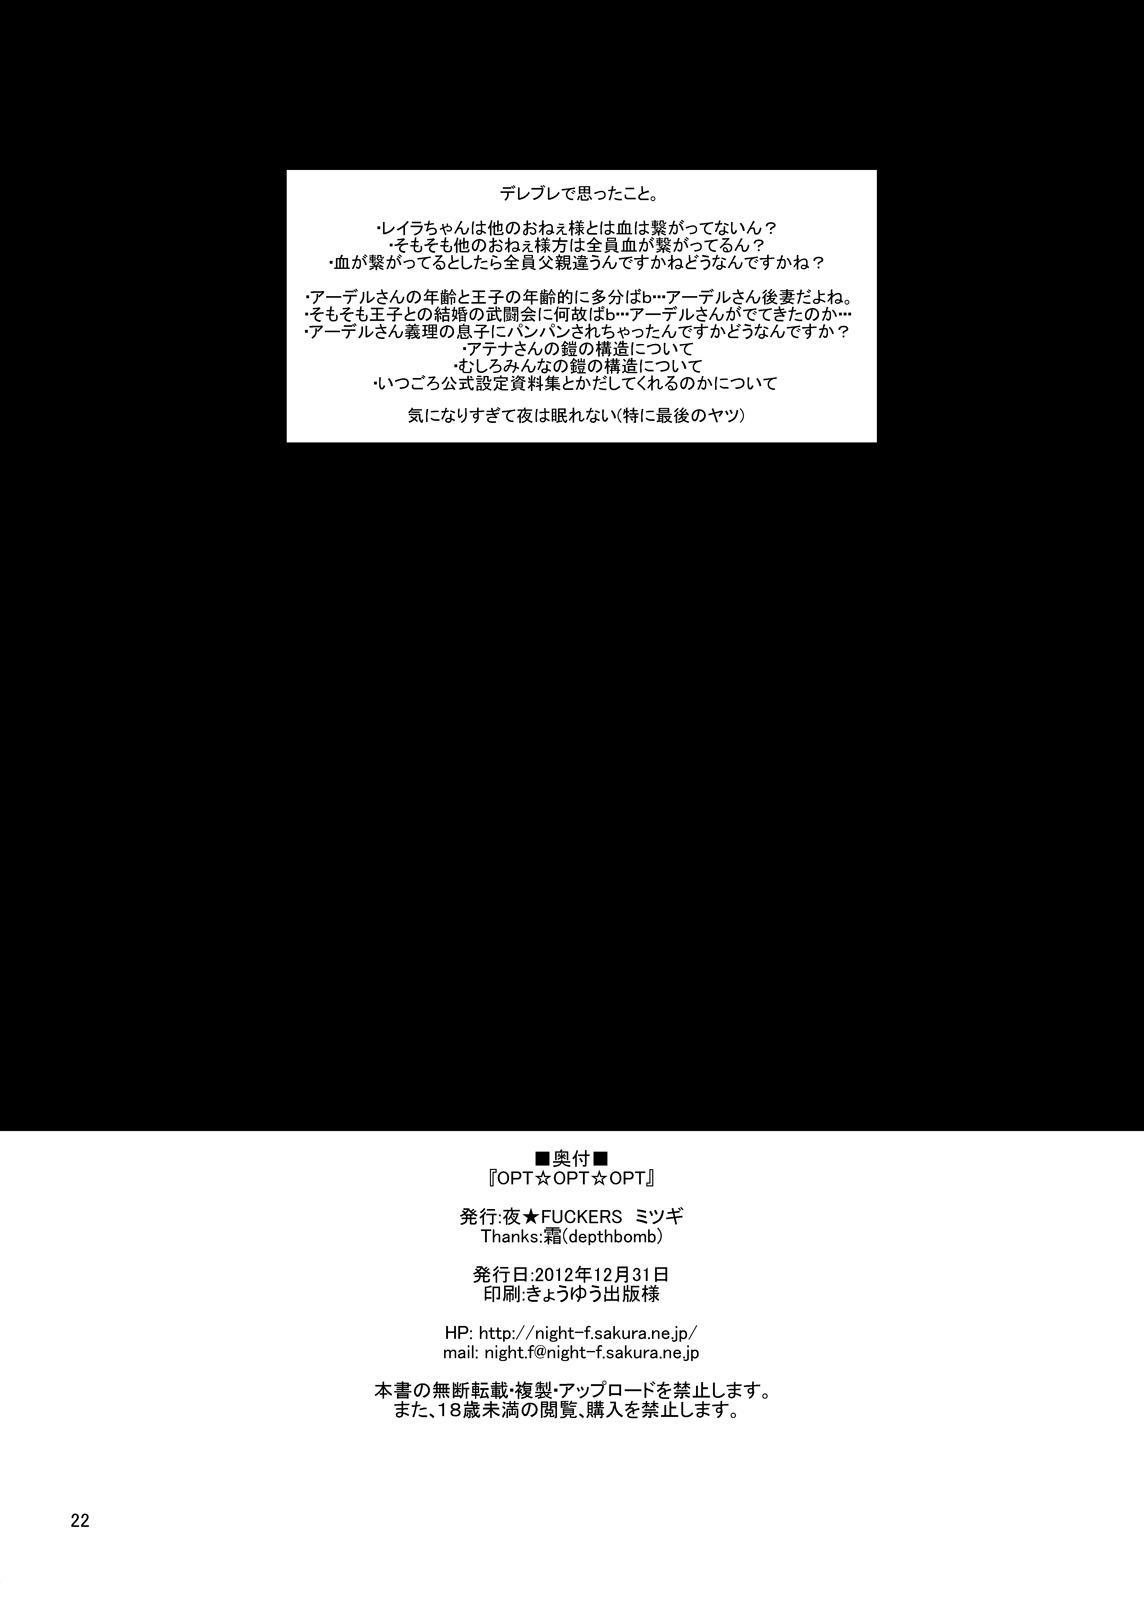 PachiSuro-kei Doujinshi Matome Pack 21